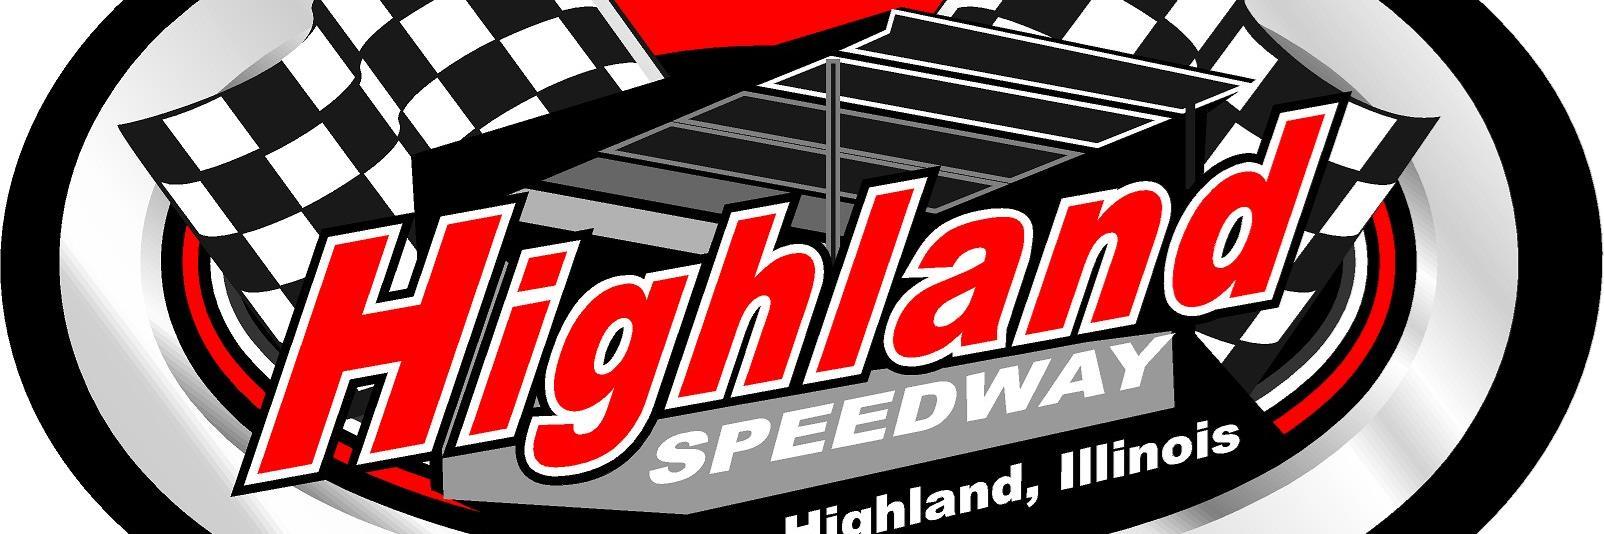 Highland Speedway